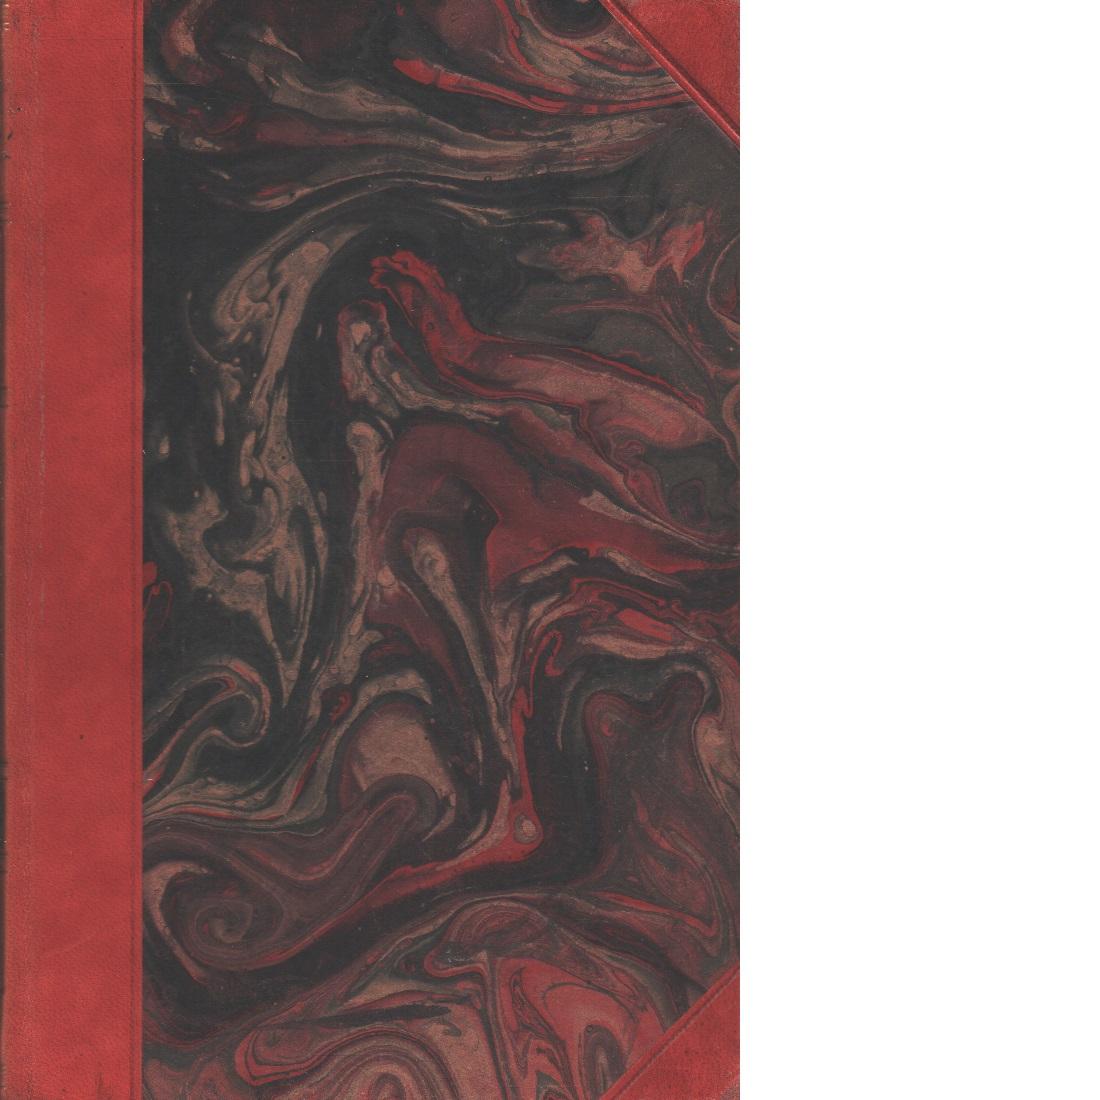 Utopier i verkligheten : fyra berättelser ; Sagor - Strindberg, Augus